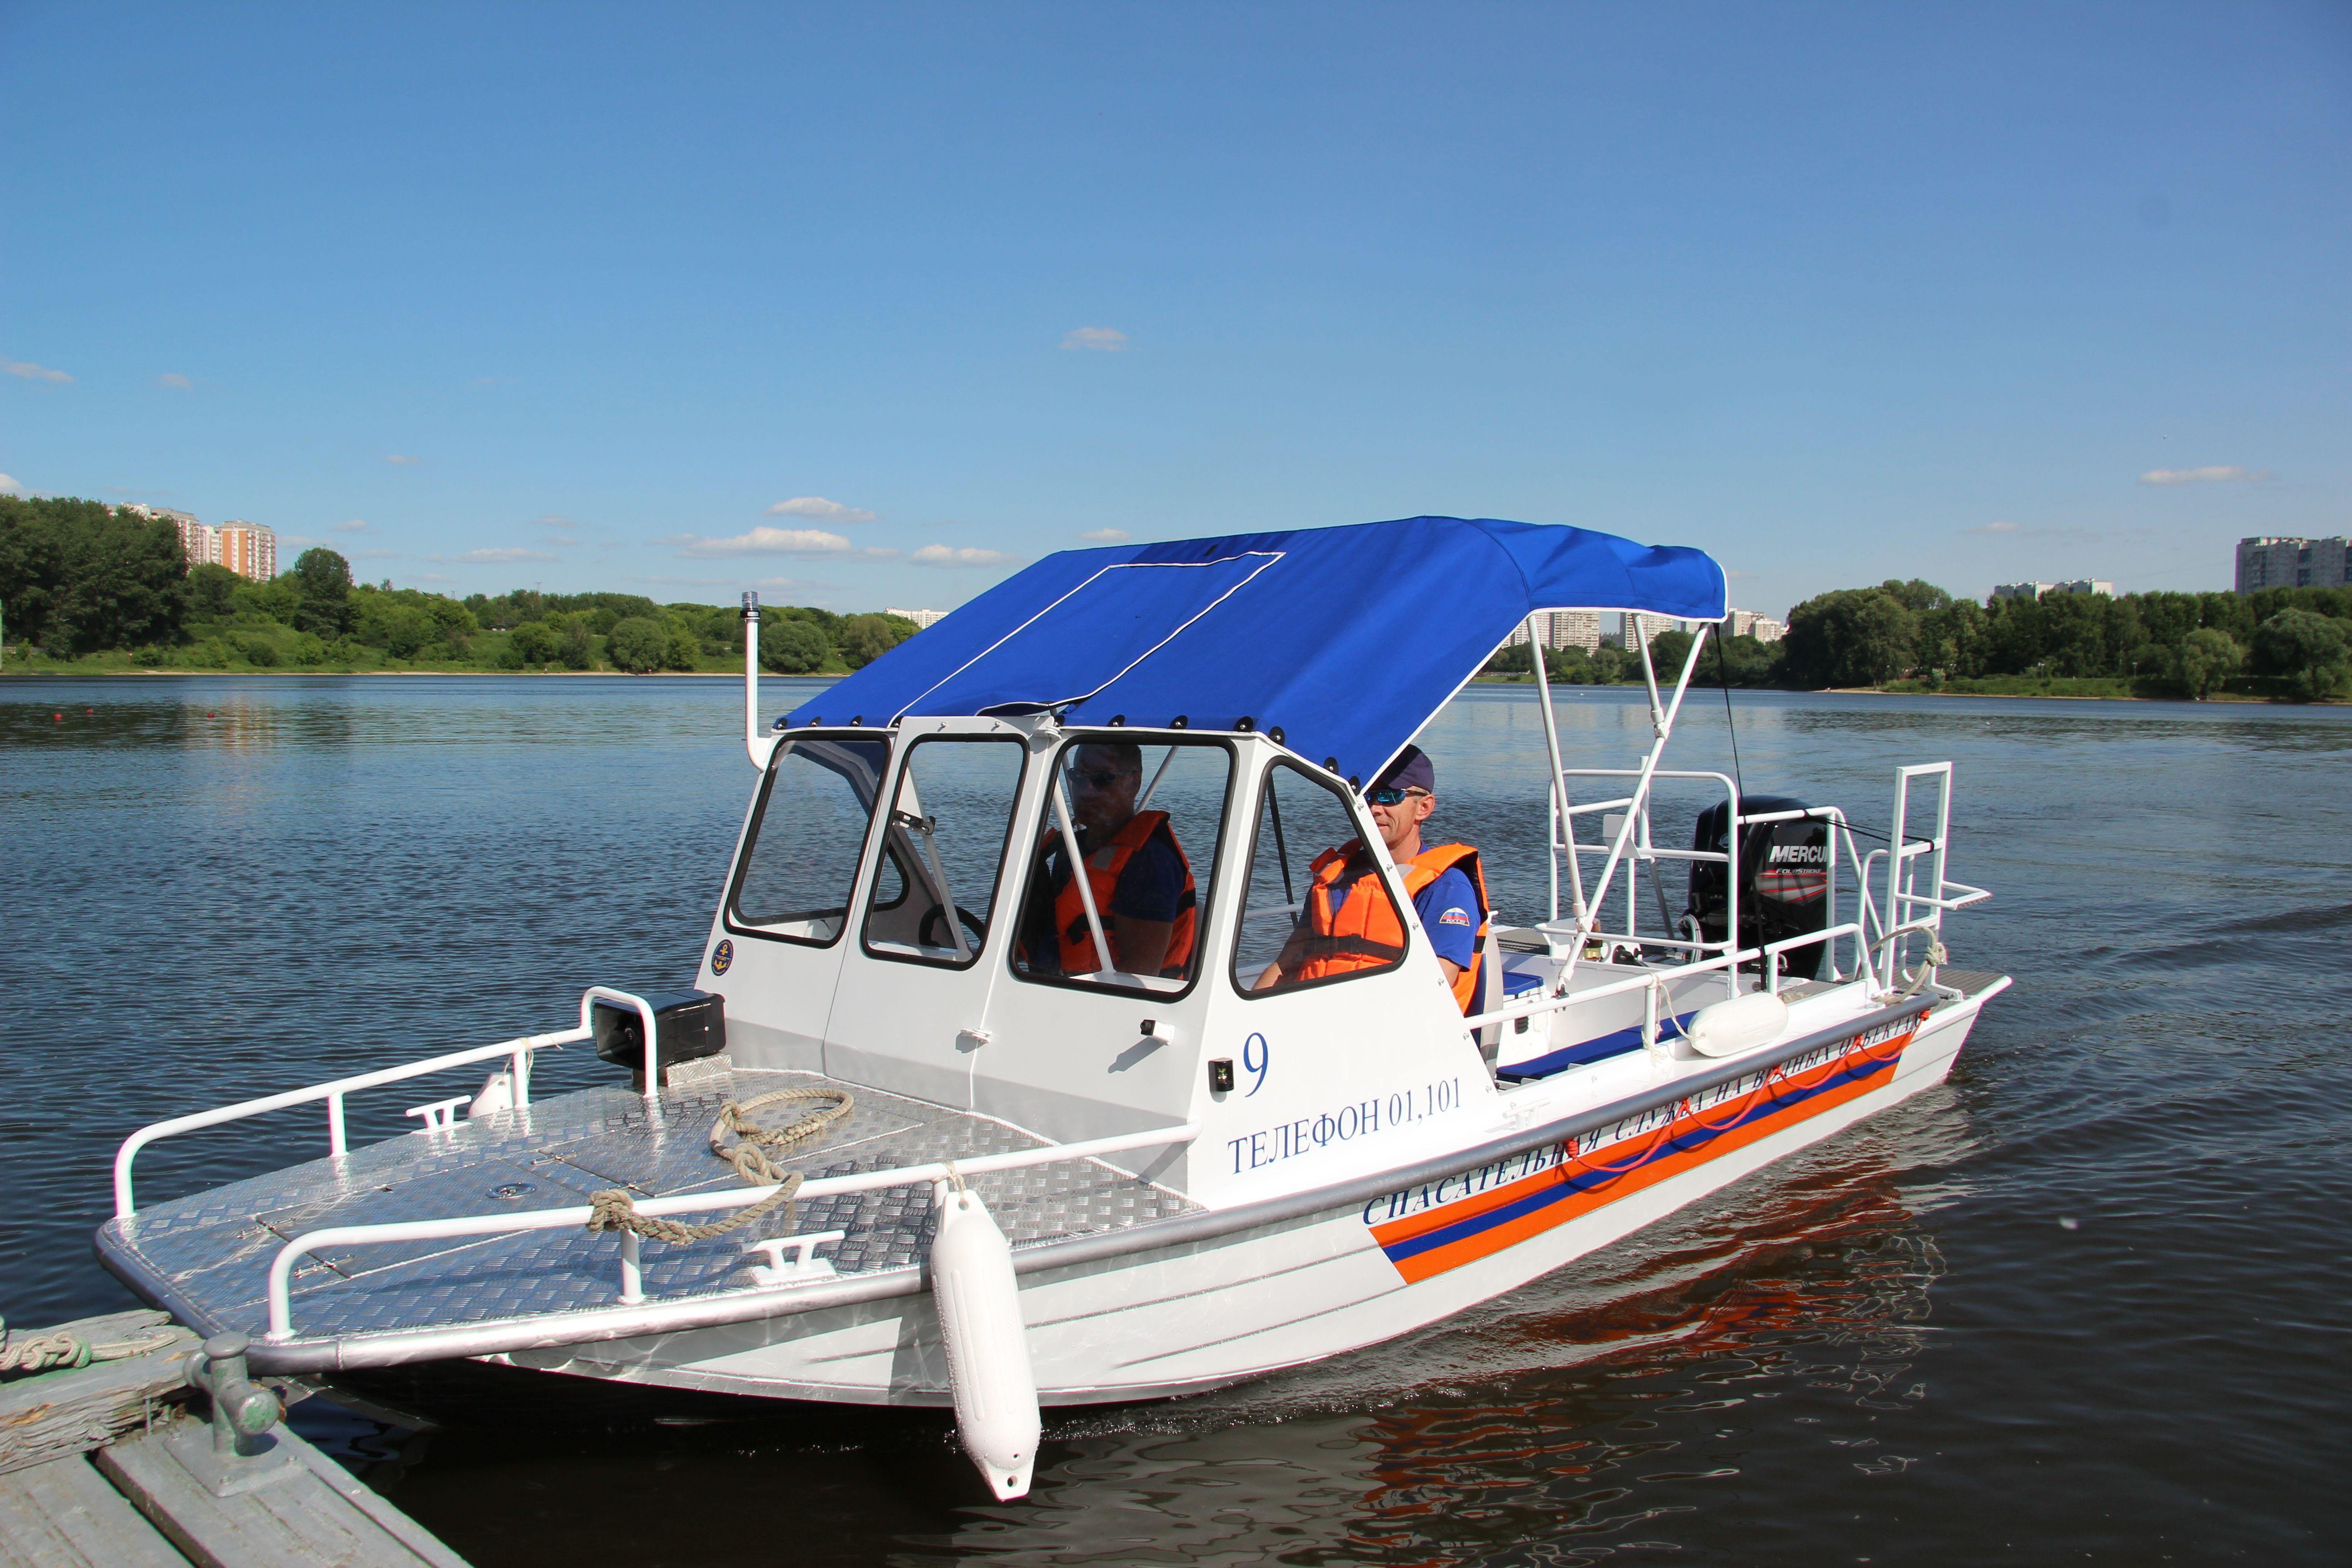 Спасатели станции «Борисовская» спустили на воду спасательную моторную лодку Русбот-55С